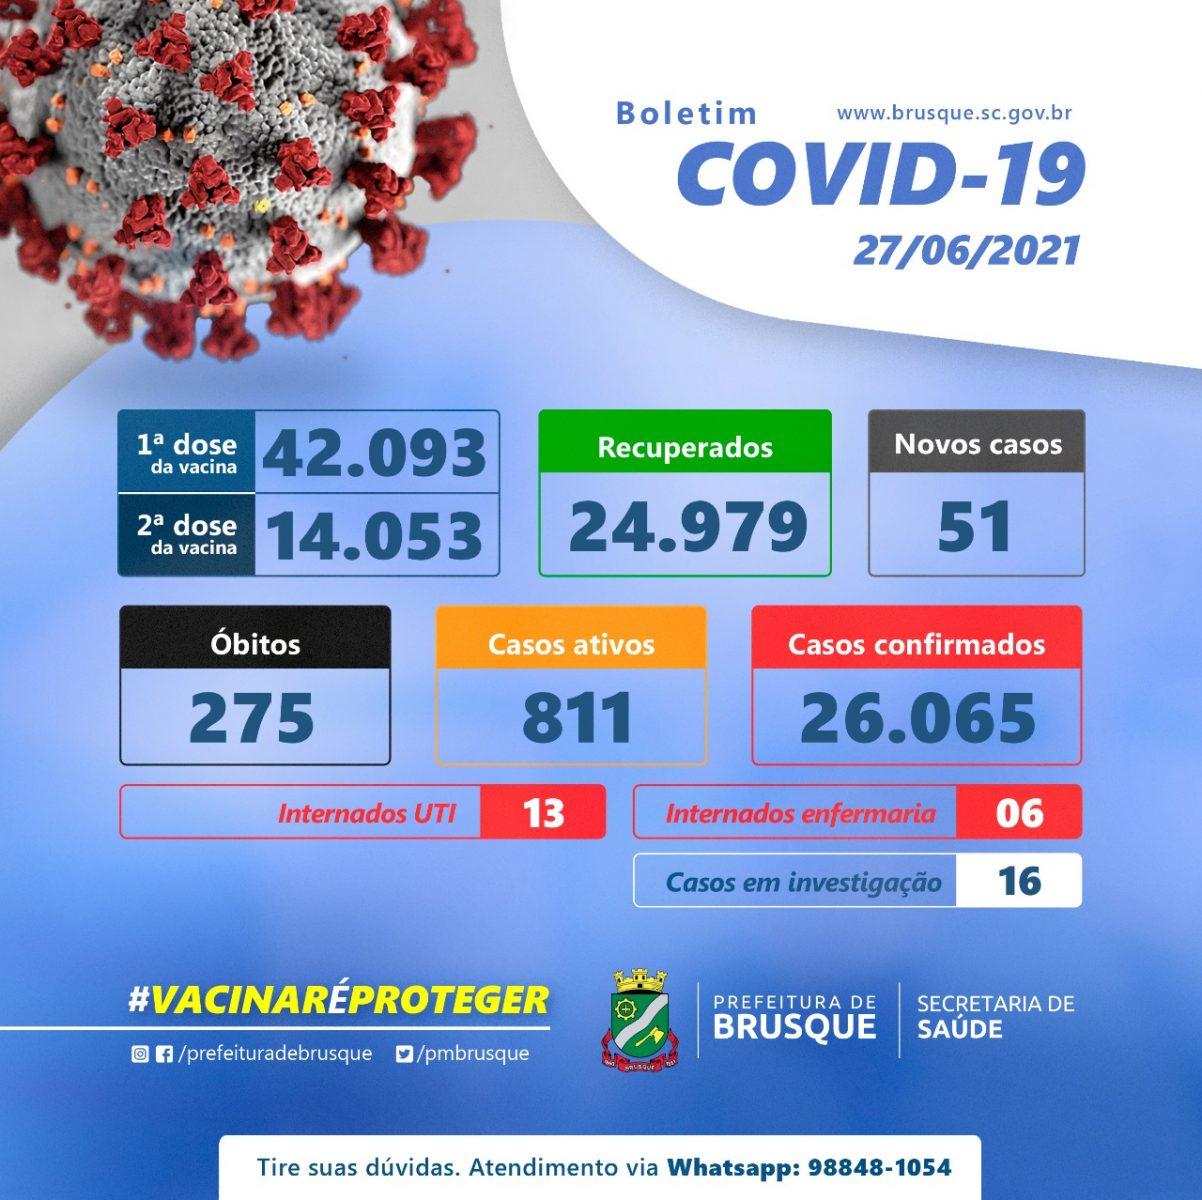 Covid-19: Confira o boletim epidemiológico deste domingo (27)